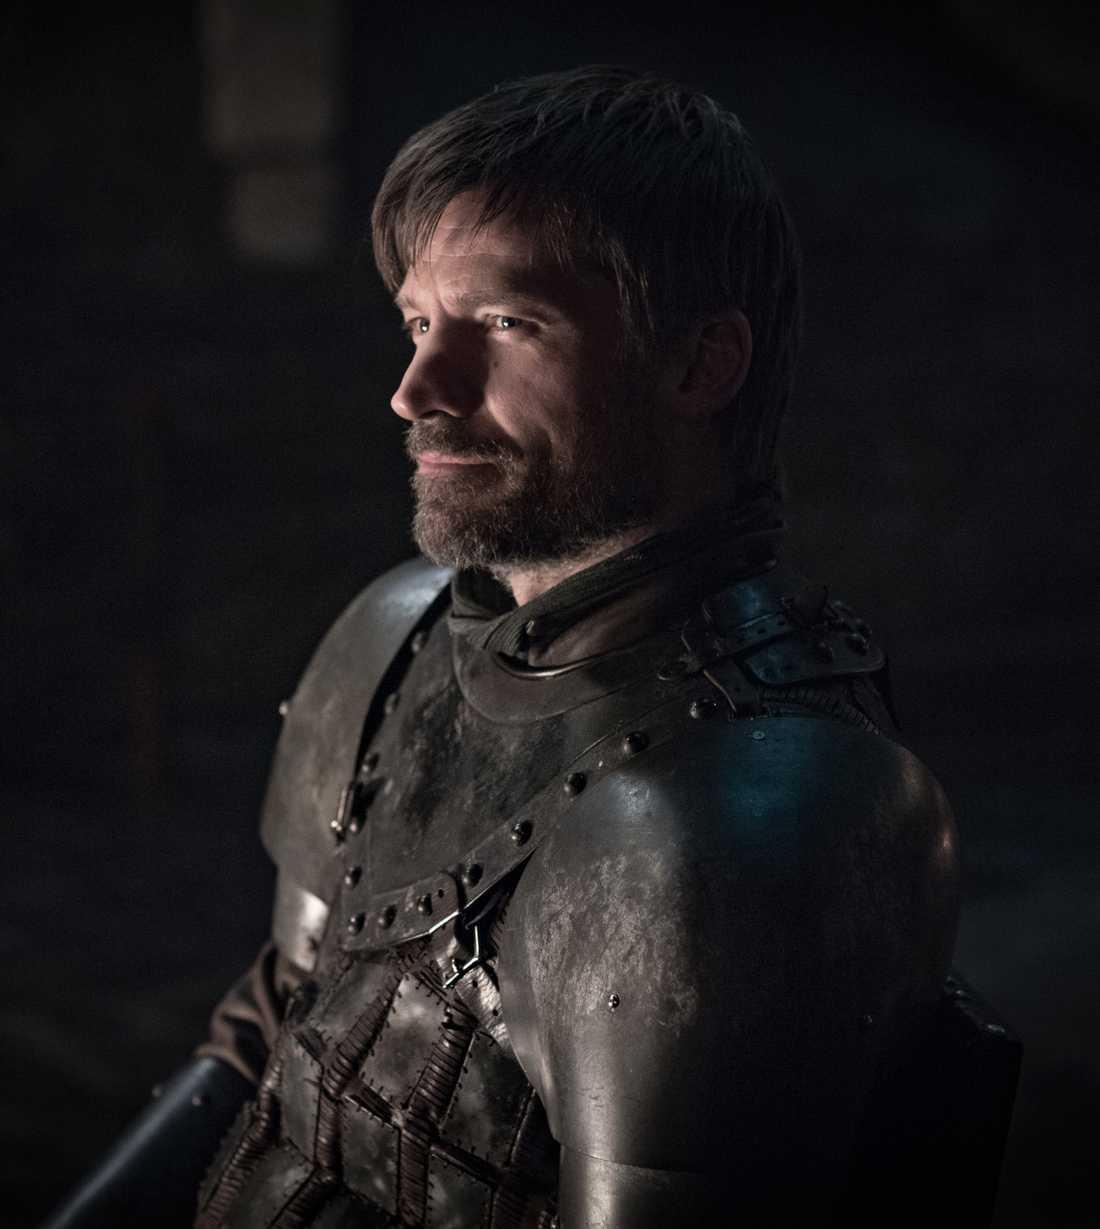 """I tio år har Nikolaj Coster Waldau spelat Jamie Lannister i """"Game of thrones"""". Den 15 april börjar den sista säsongen av serien sändas på HBO Nordic. Pressbild."""